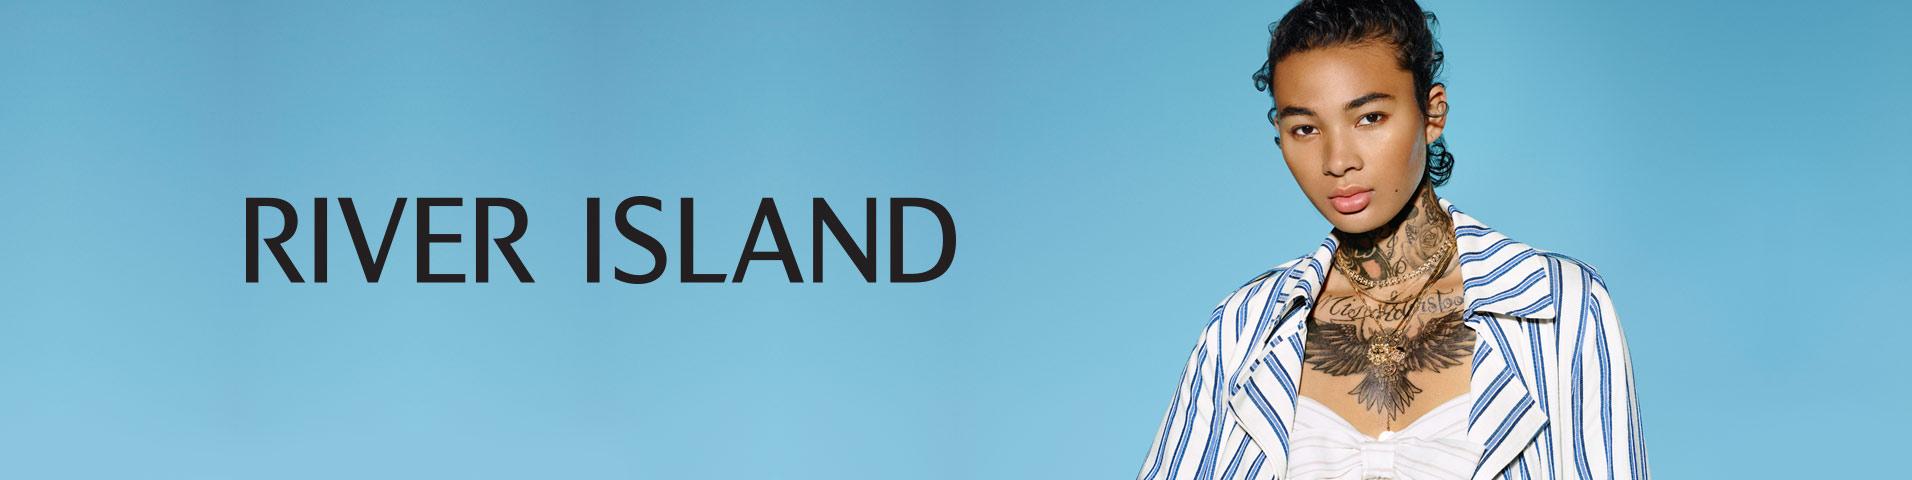 River Island Online-Shop   River Island versandkostenfrei bei Zalando.ch